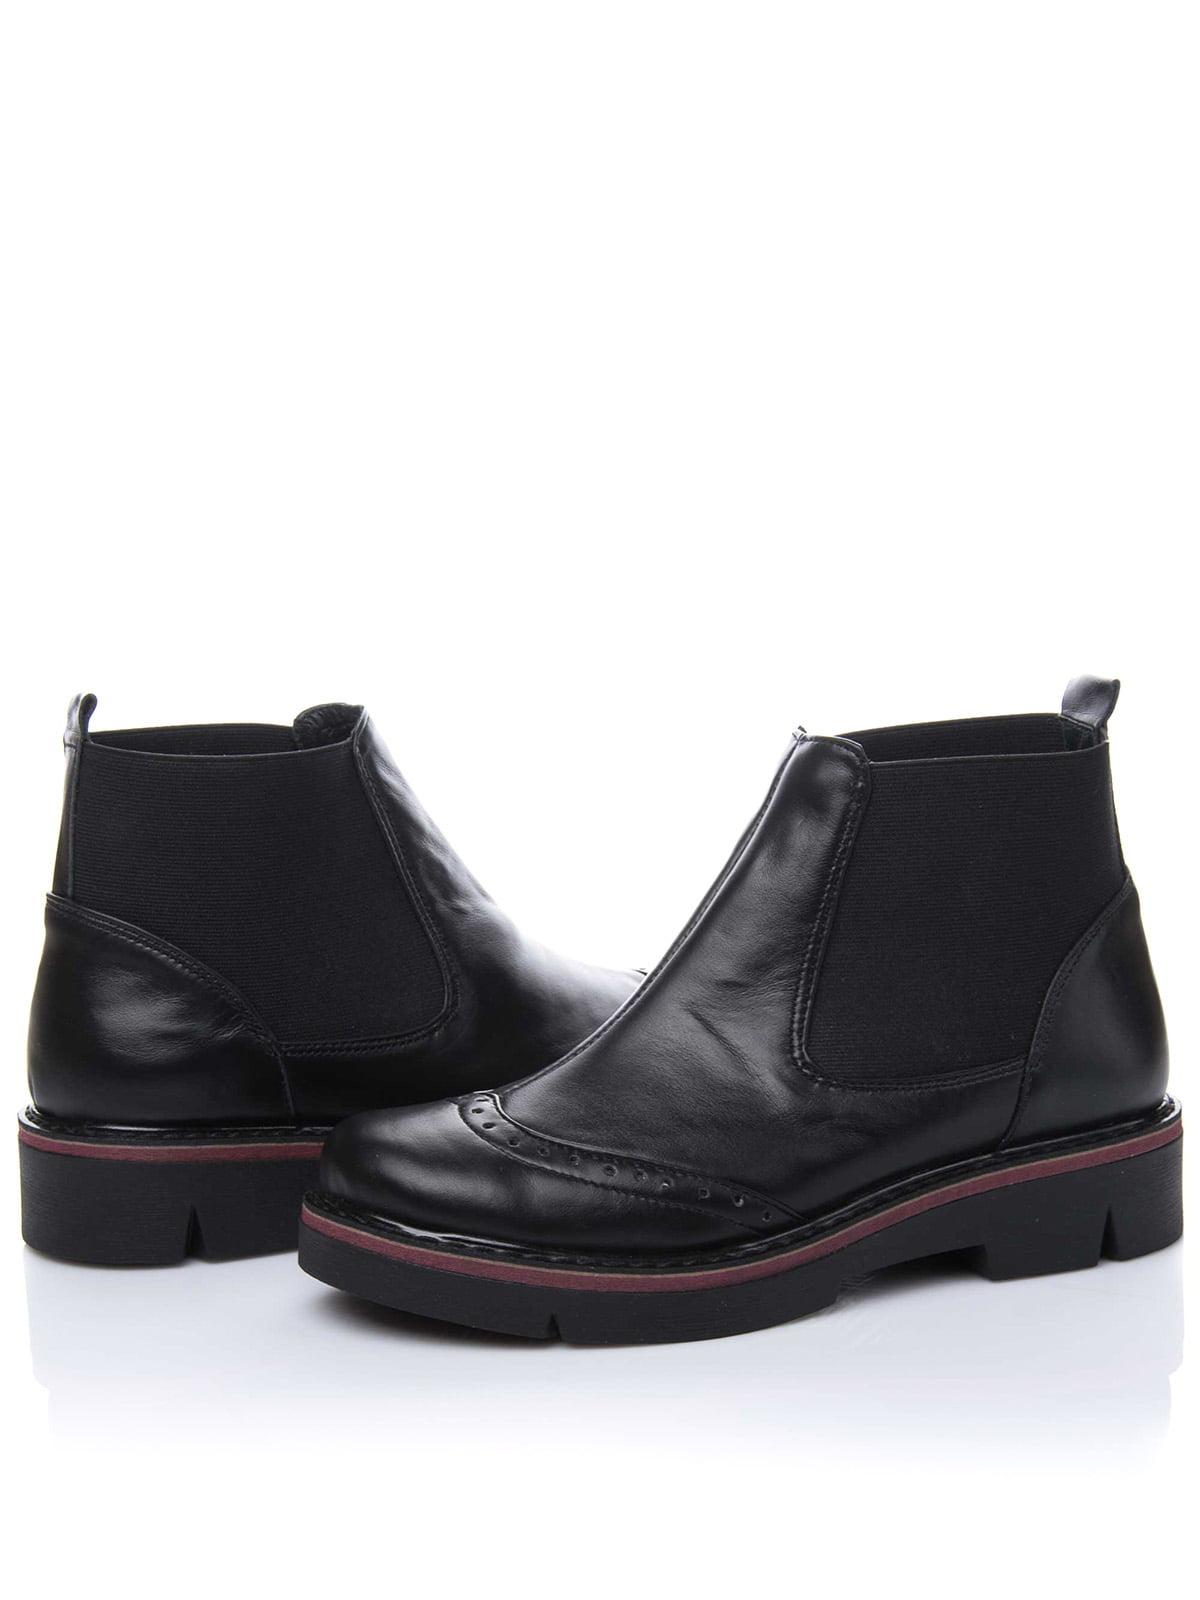 Ботинки черные | 3656745 | фото 2